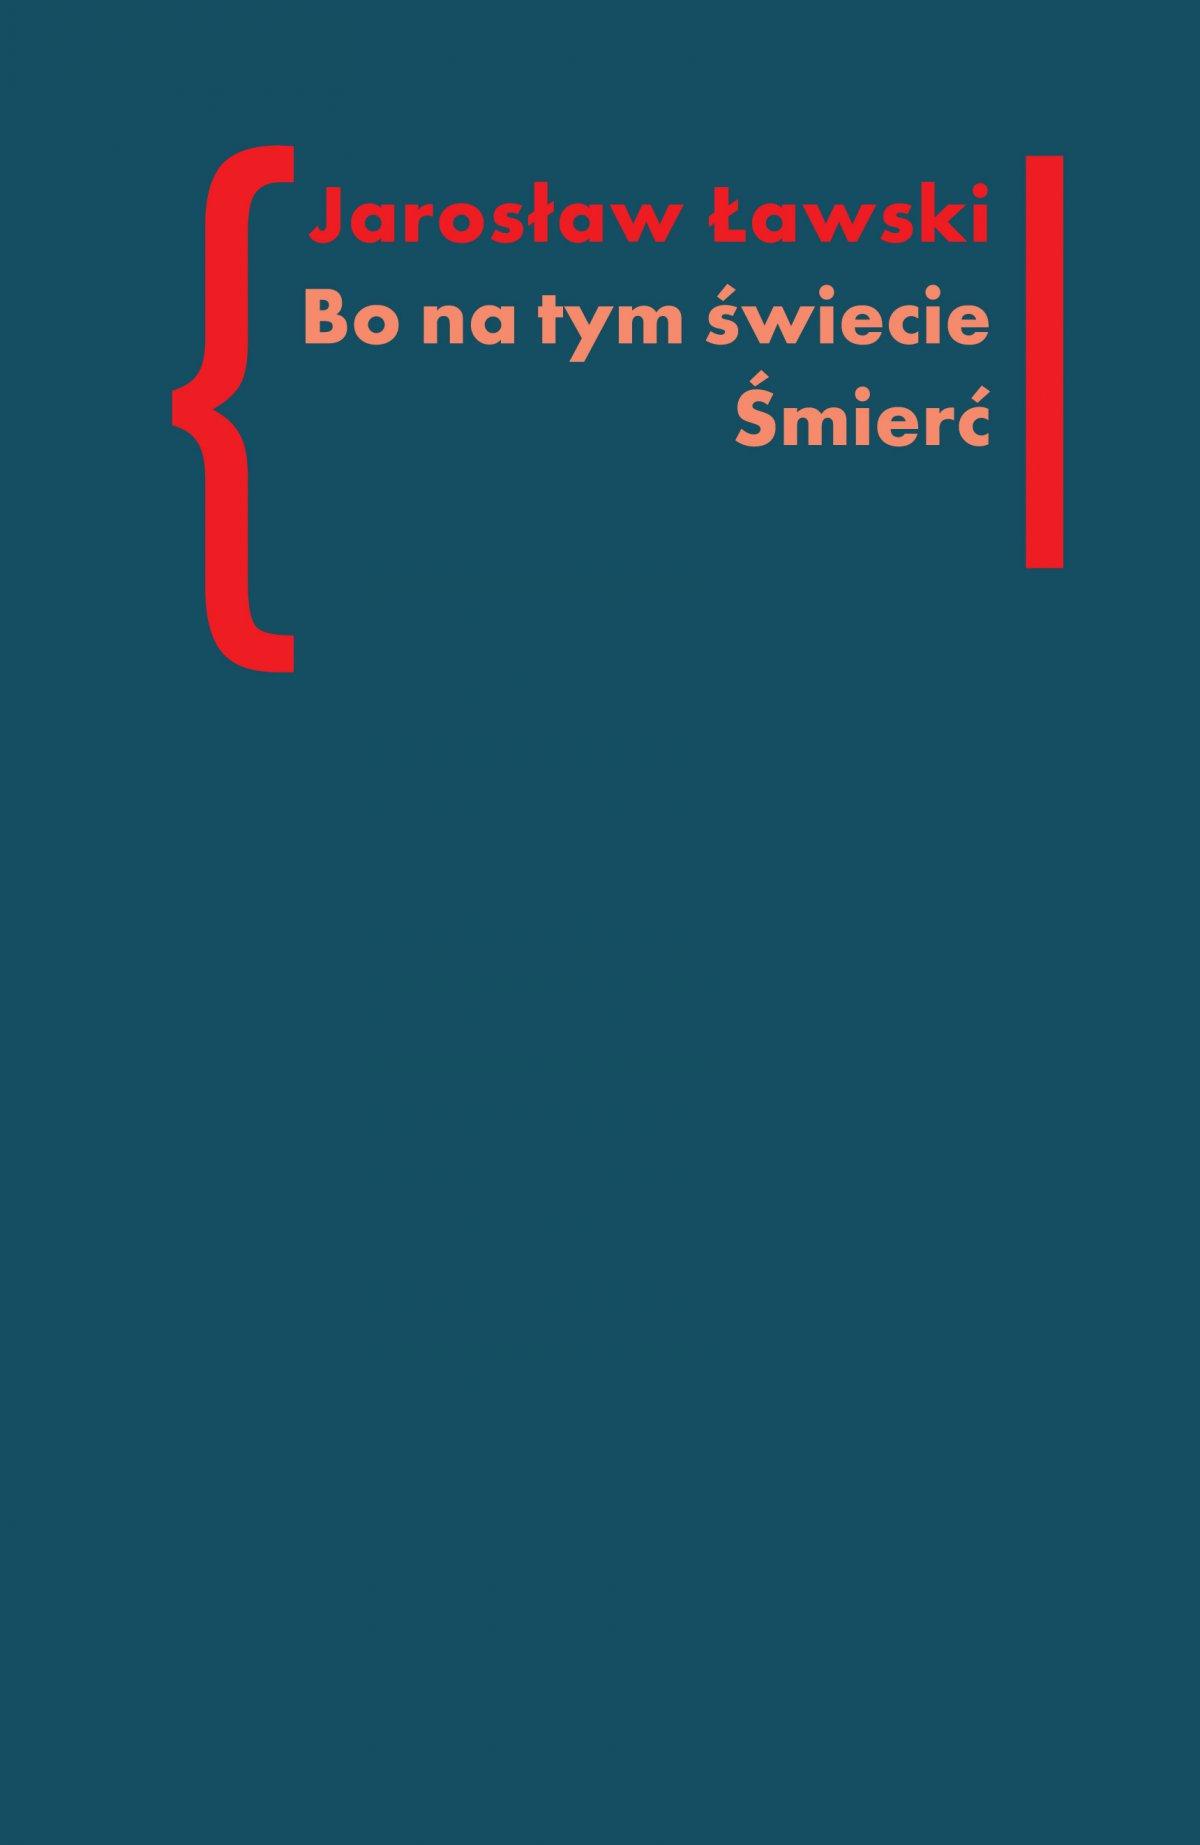 Bo na tym świecie śmierć. Studia o czarnym romantyzmie - Ebook (Książka EPUB) do pobrania w formacie EPUB